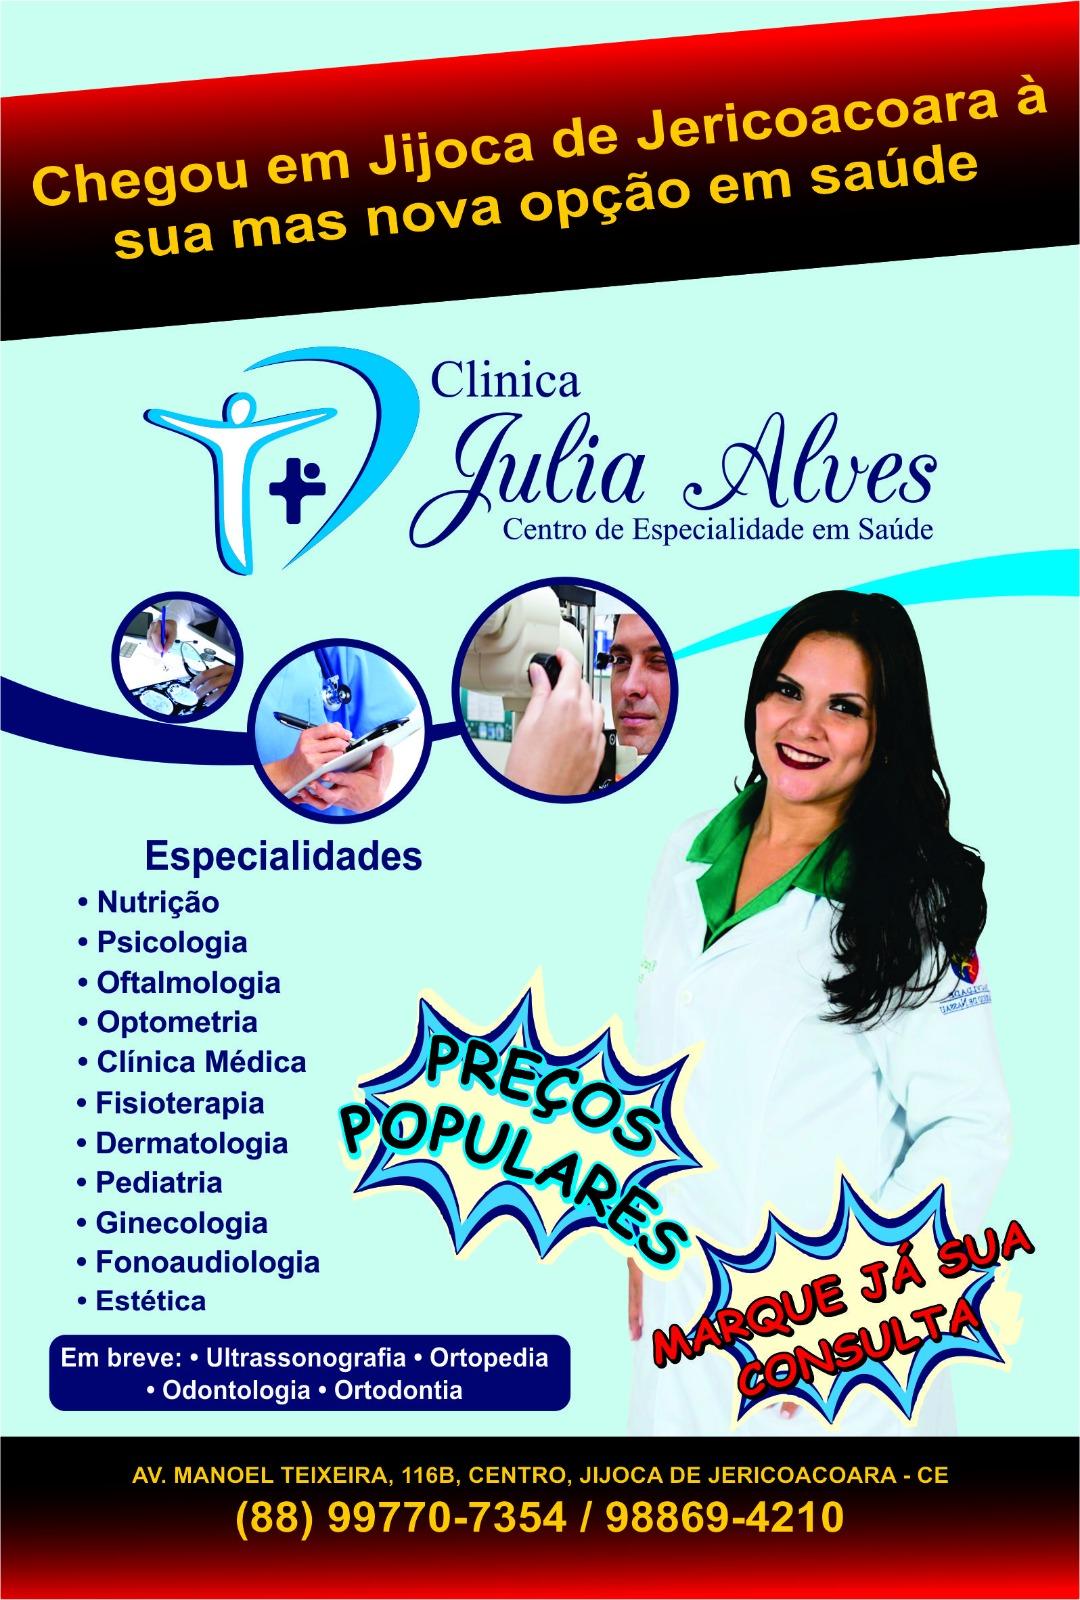 Clínica Júlia Alves - Jijoca